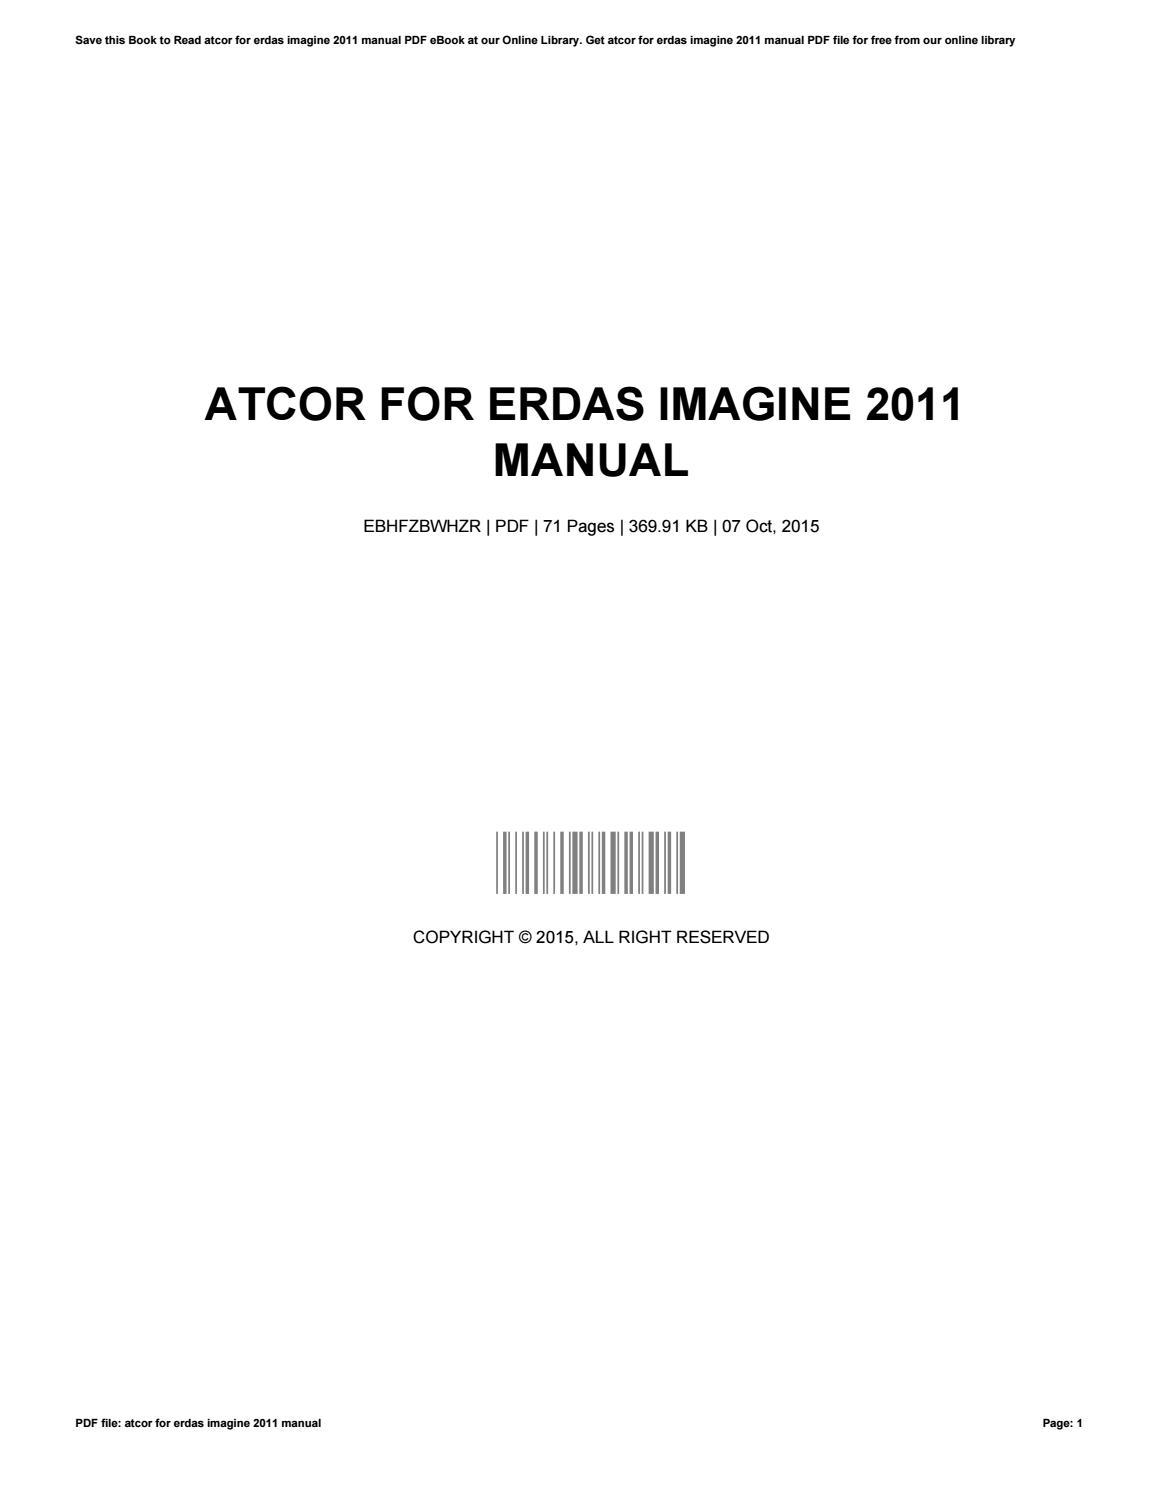 erdas imagine 2015 crack